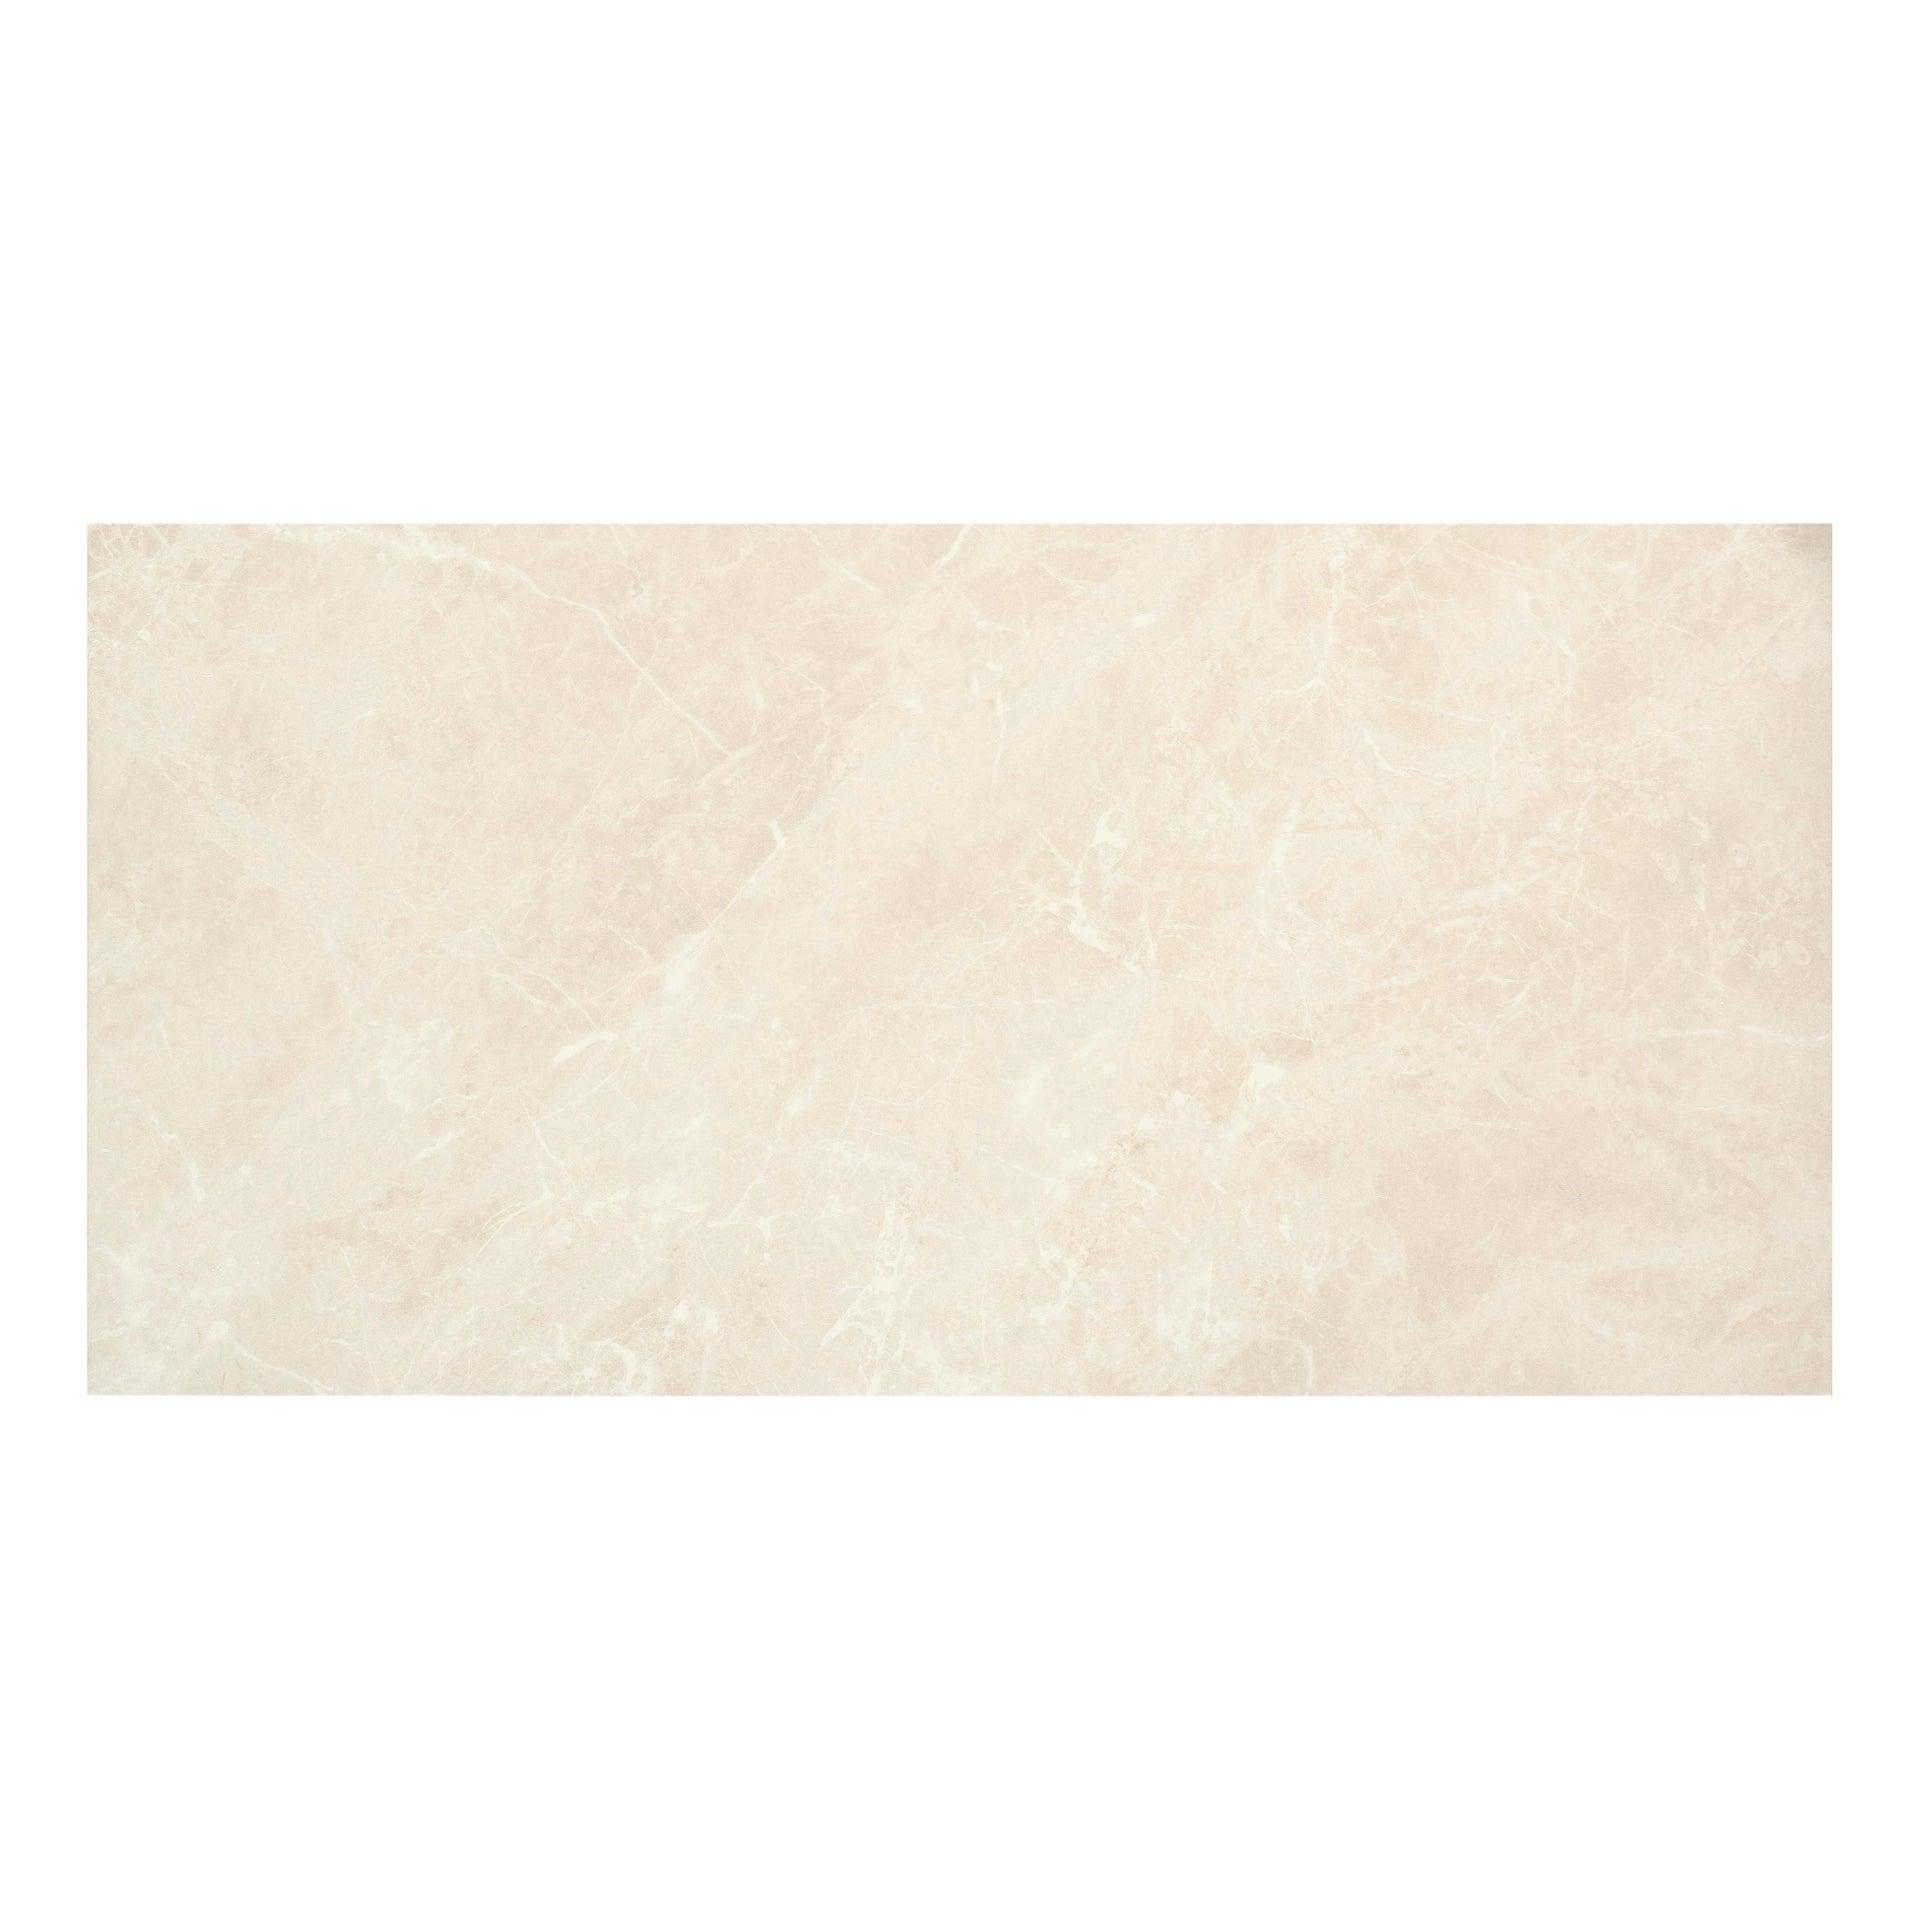 Piastrella decorativa Windsor 30 x 60 cm sp. 10.5 mm beige - 6